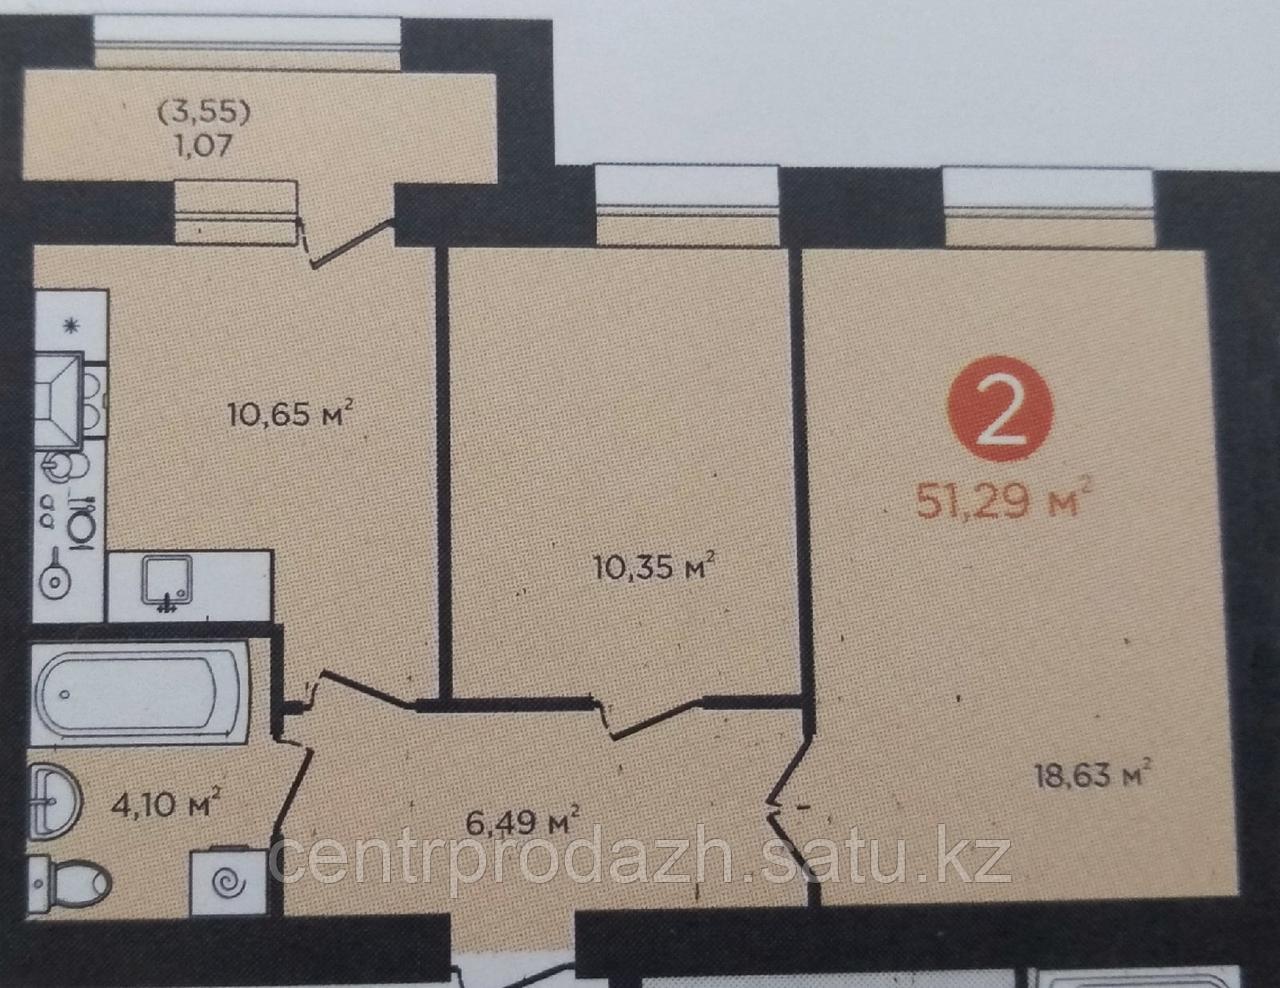 2 комнатная квартира в ЖК Aru Qala 51.29 м²